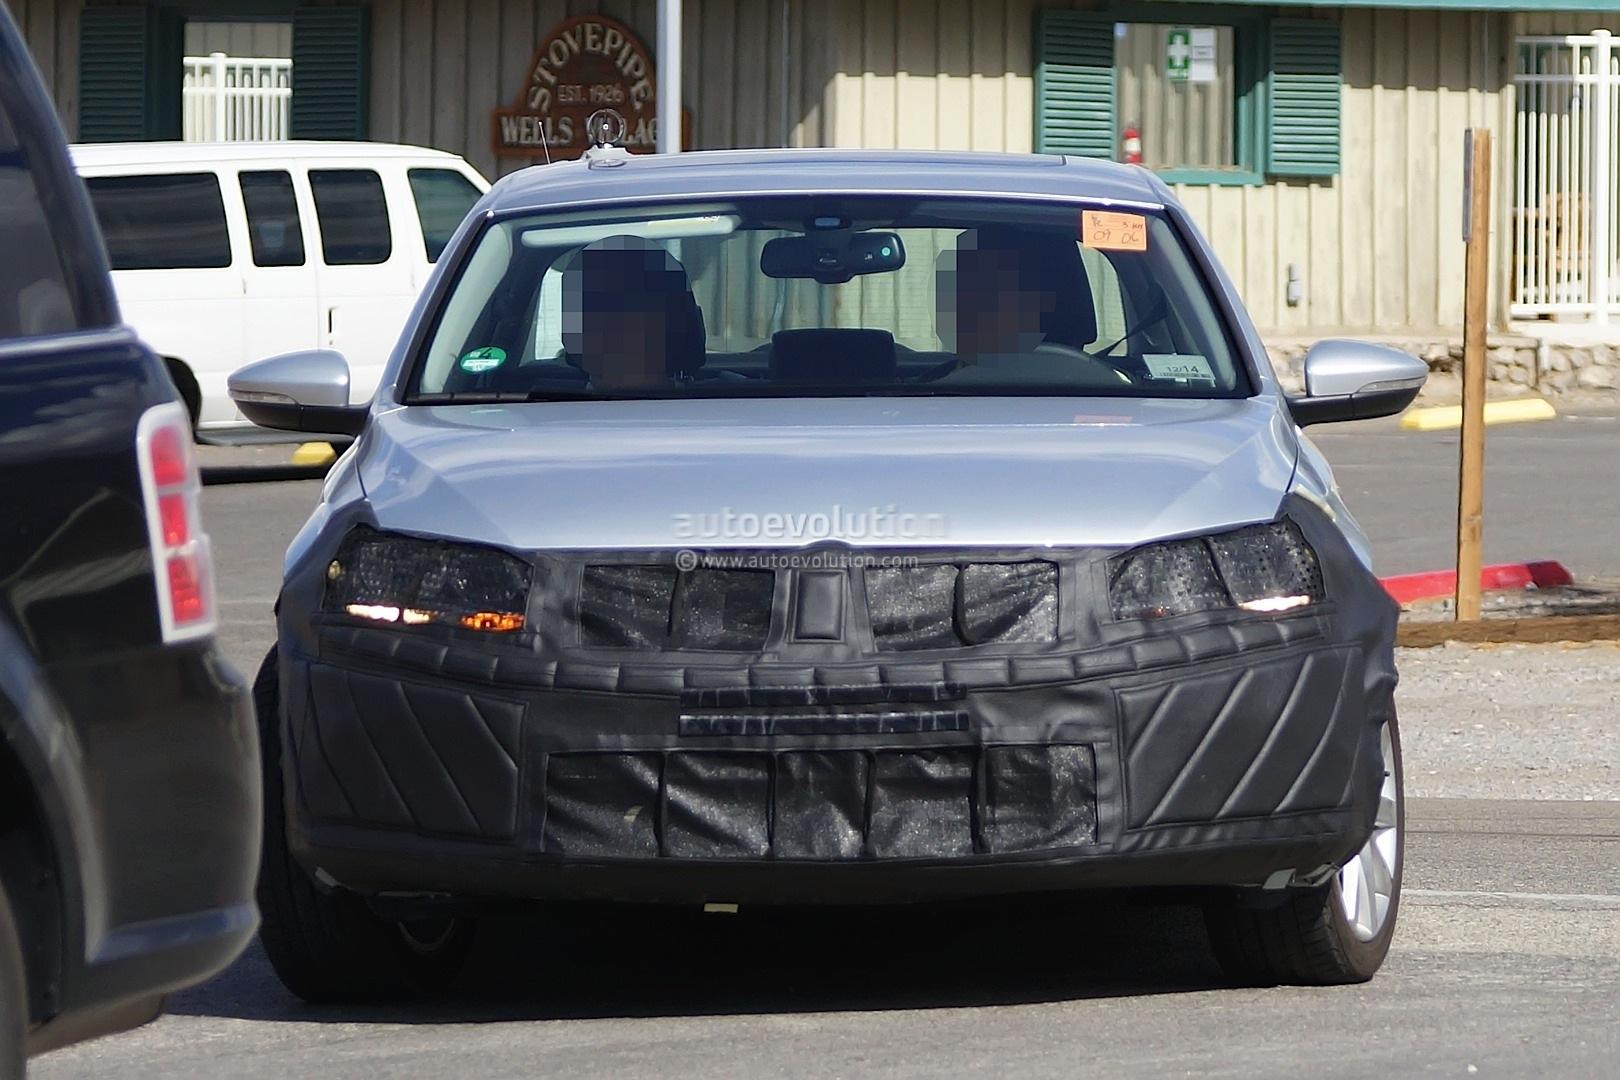 Spyshots: 2015 Volkswagen Jetta Facelift